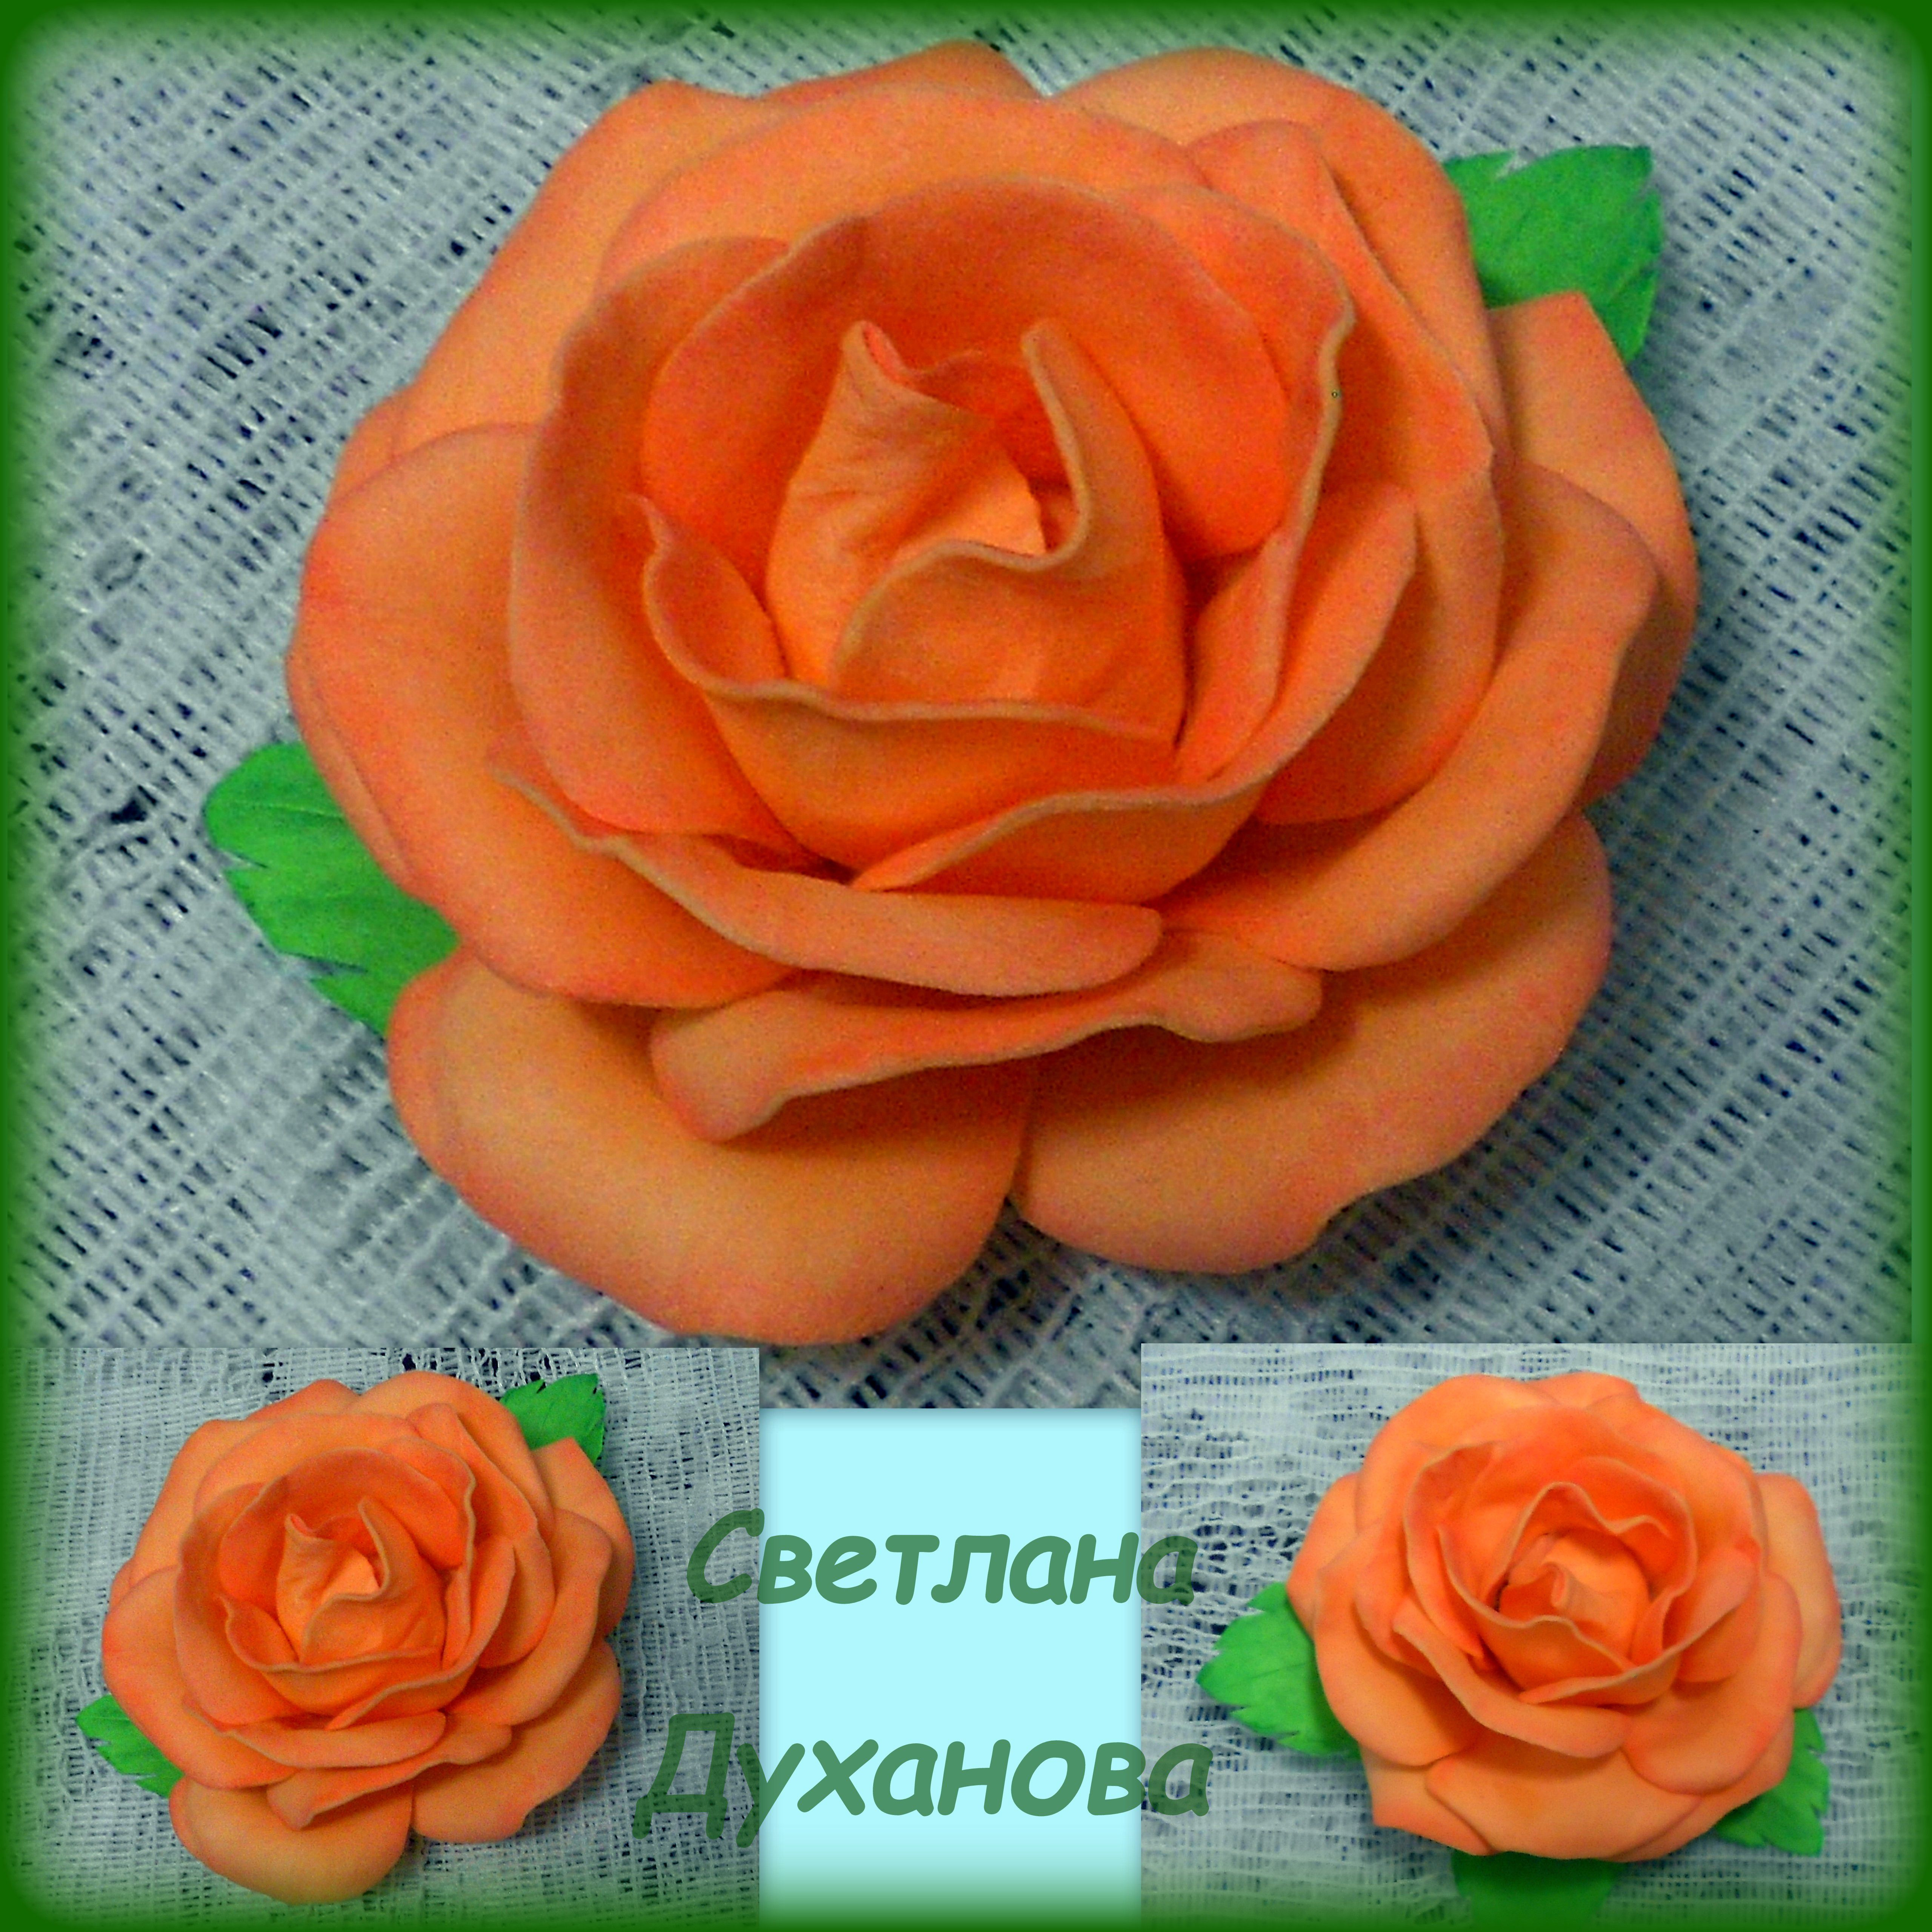 женщине. украшение фоамиран аксессуар цветы роза подарок